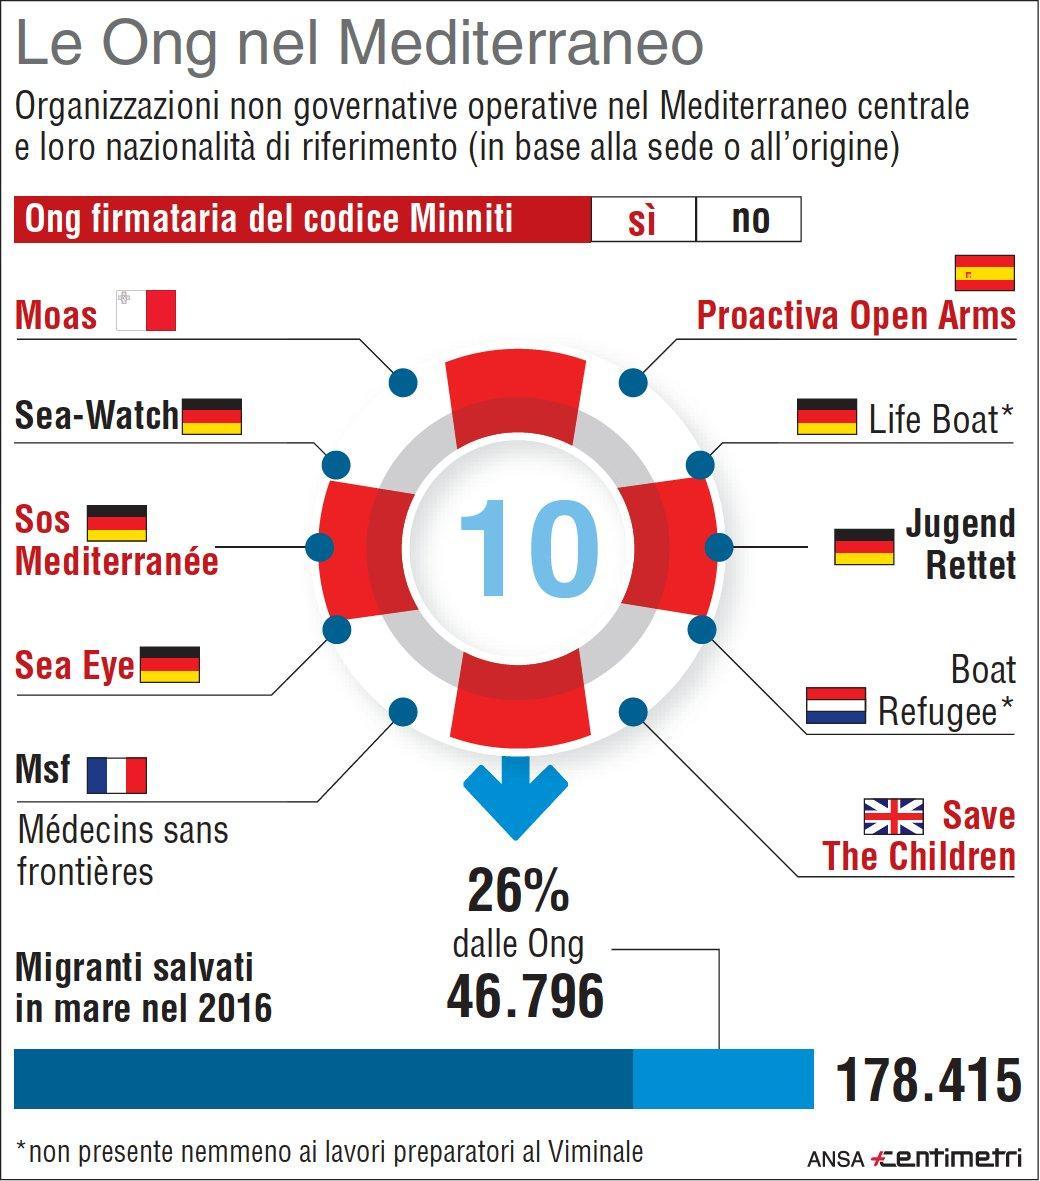 Migranti, ecco quali Ong hanno firmato il codice di condotta